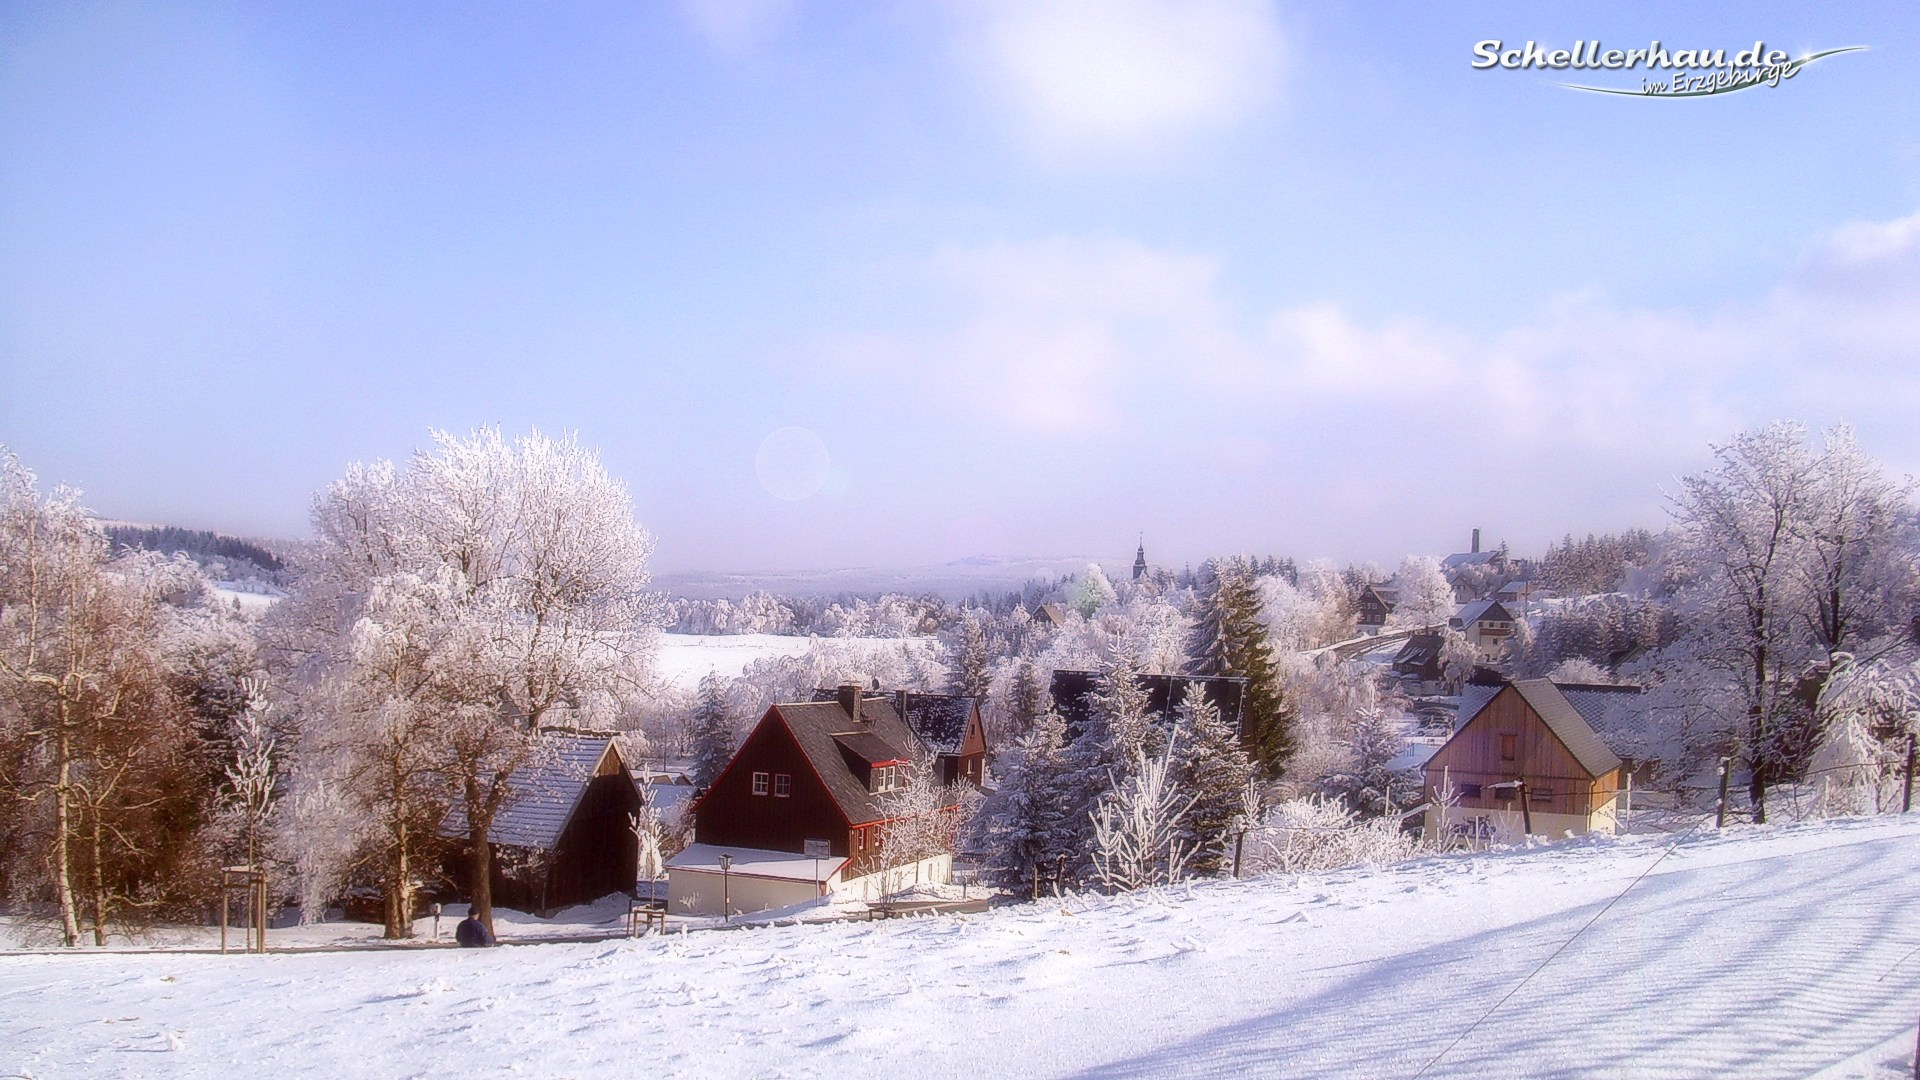 Full Hd Desktopbilder Zum Download 100 Erzgebirge